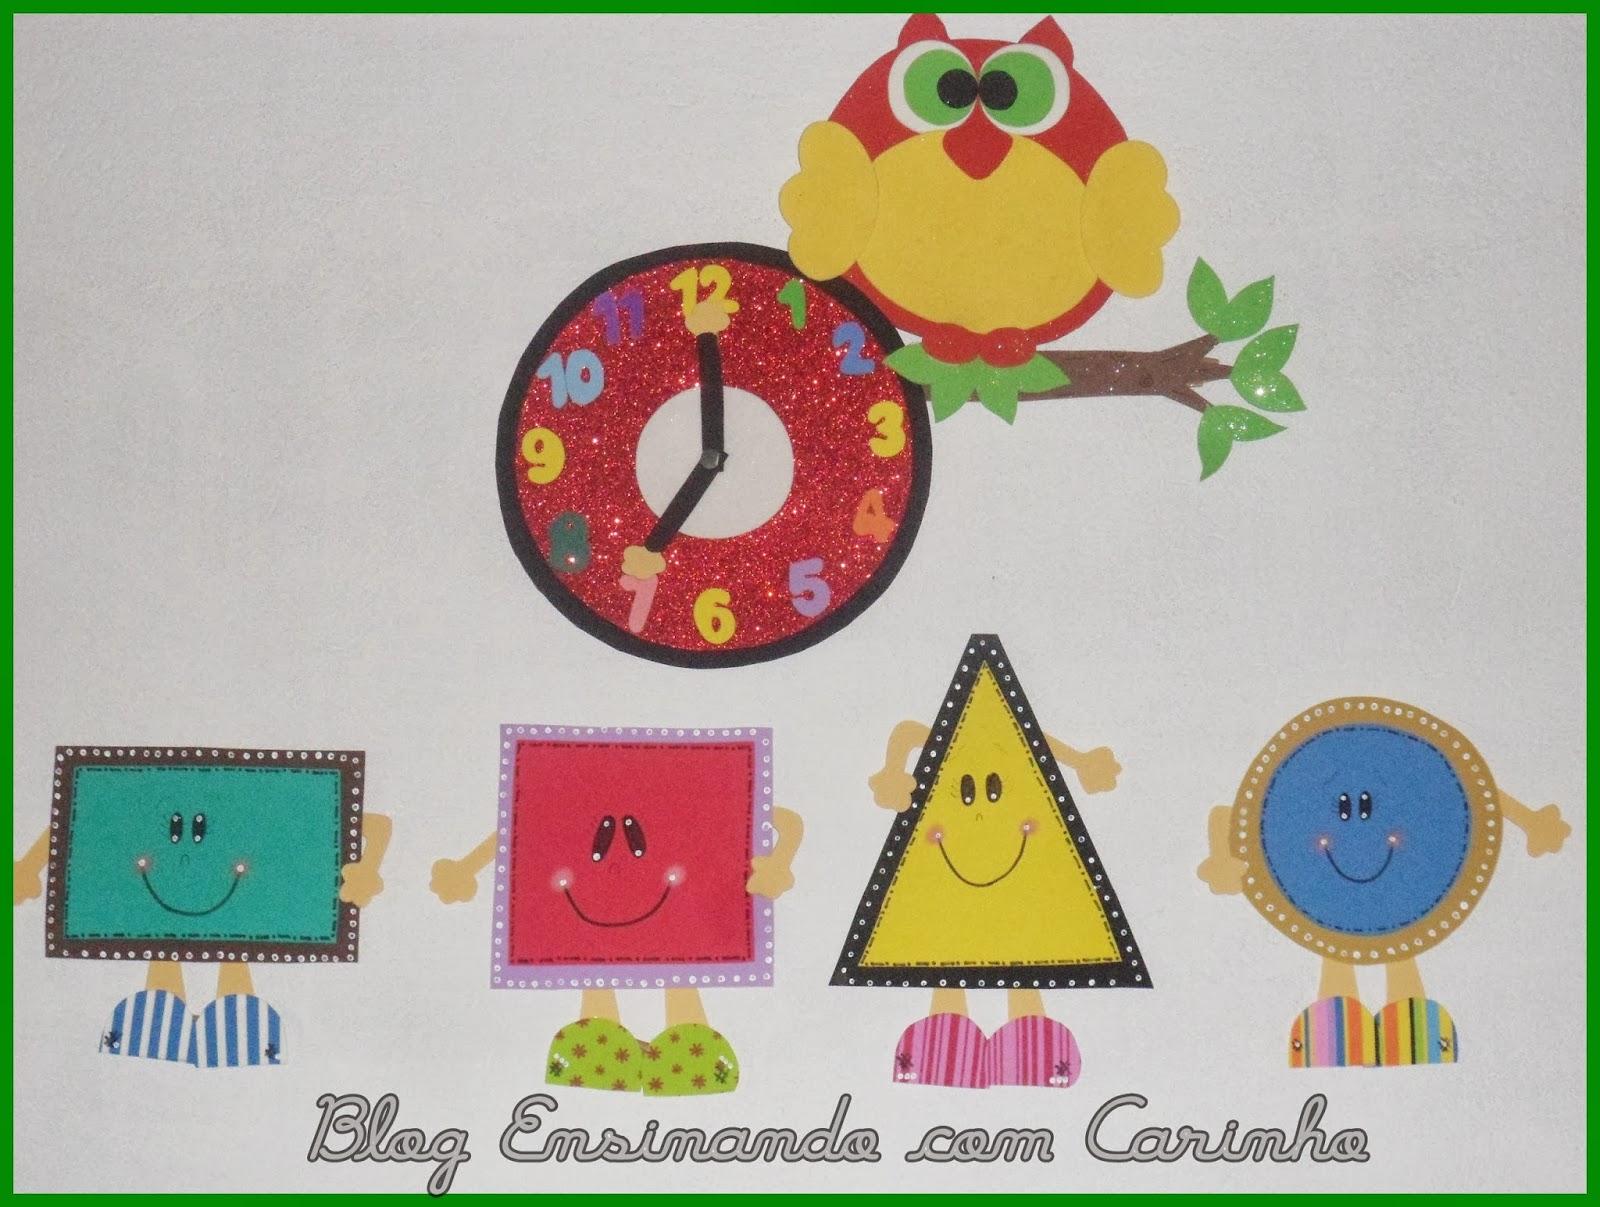 Formas Geometricas De Eva Com Moldes Ensinando Com Carinho